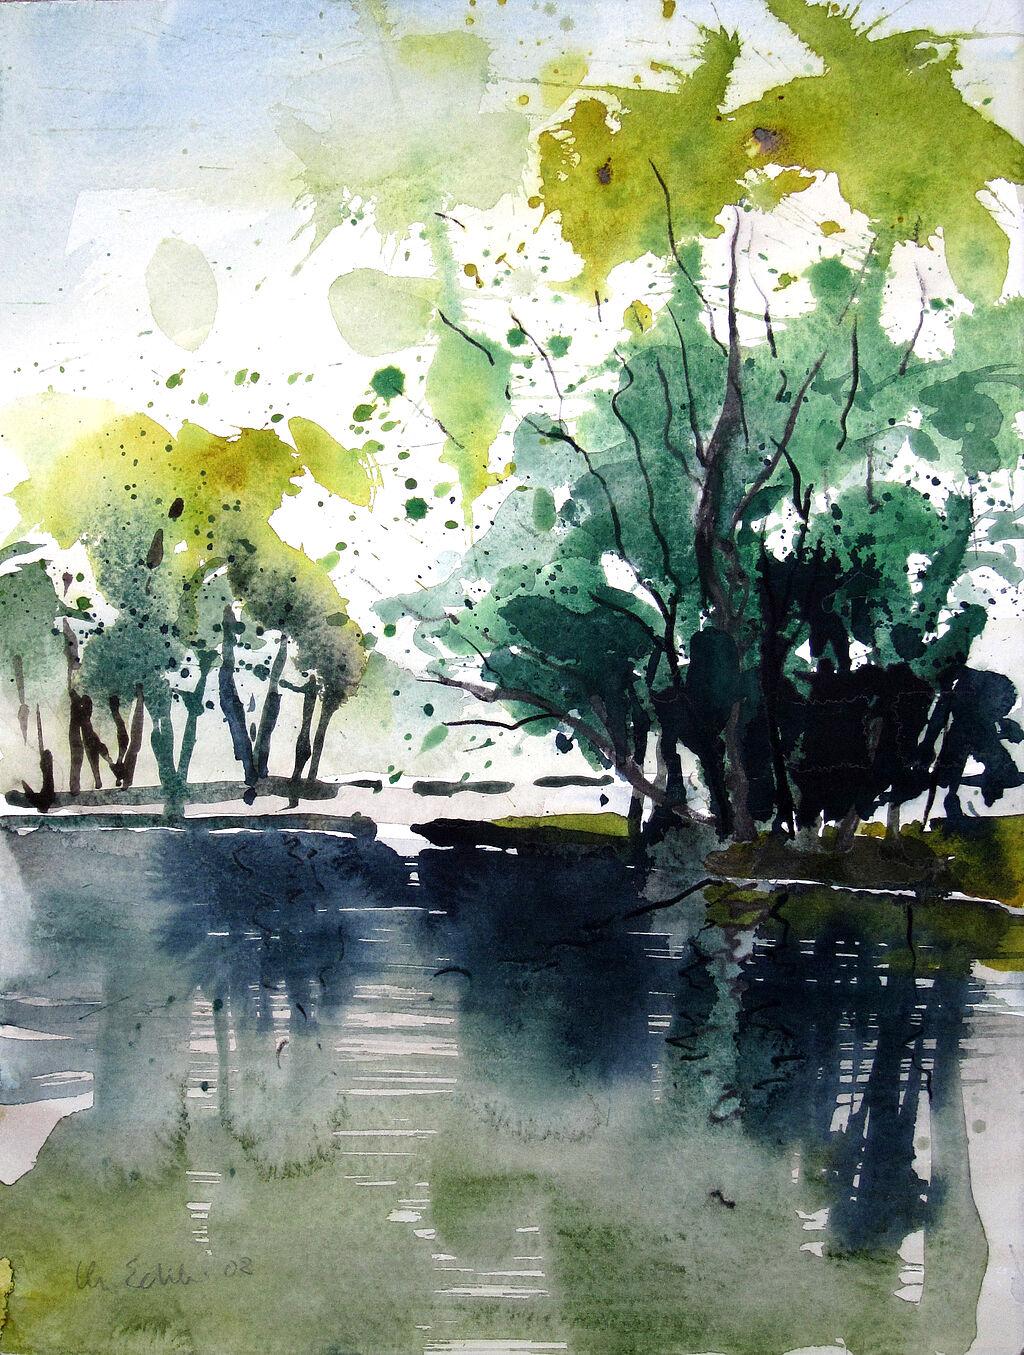 Malen Zeichnen Lernen Malen Lernen Aquarellmalerei Landschaft